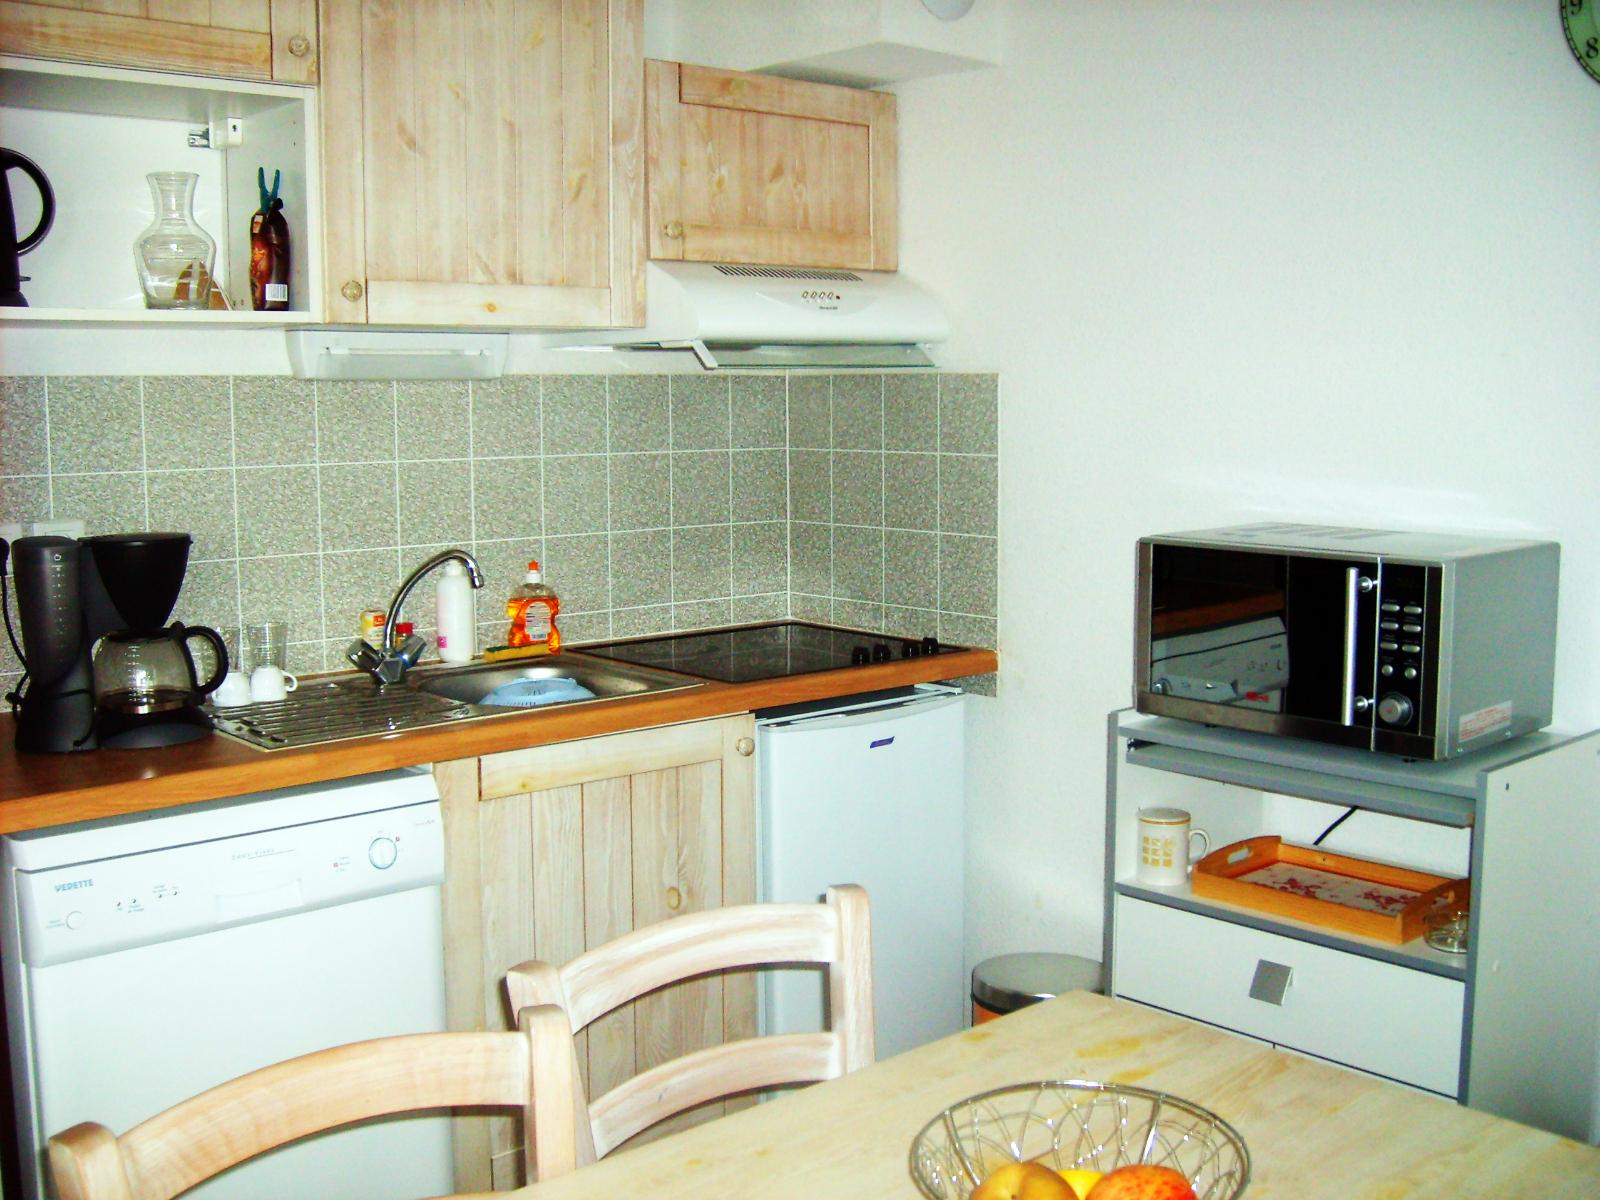 Location d'appartement à Luz-Saint-Sauveur : le coin cuisine